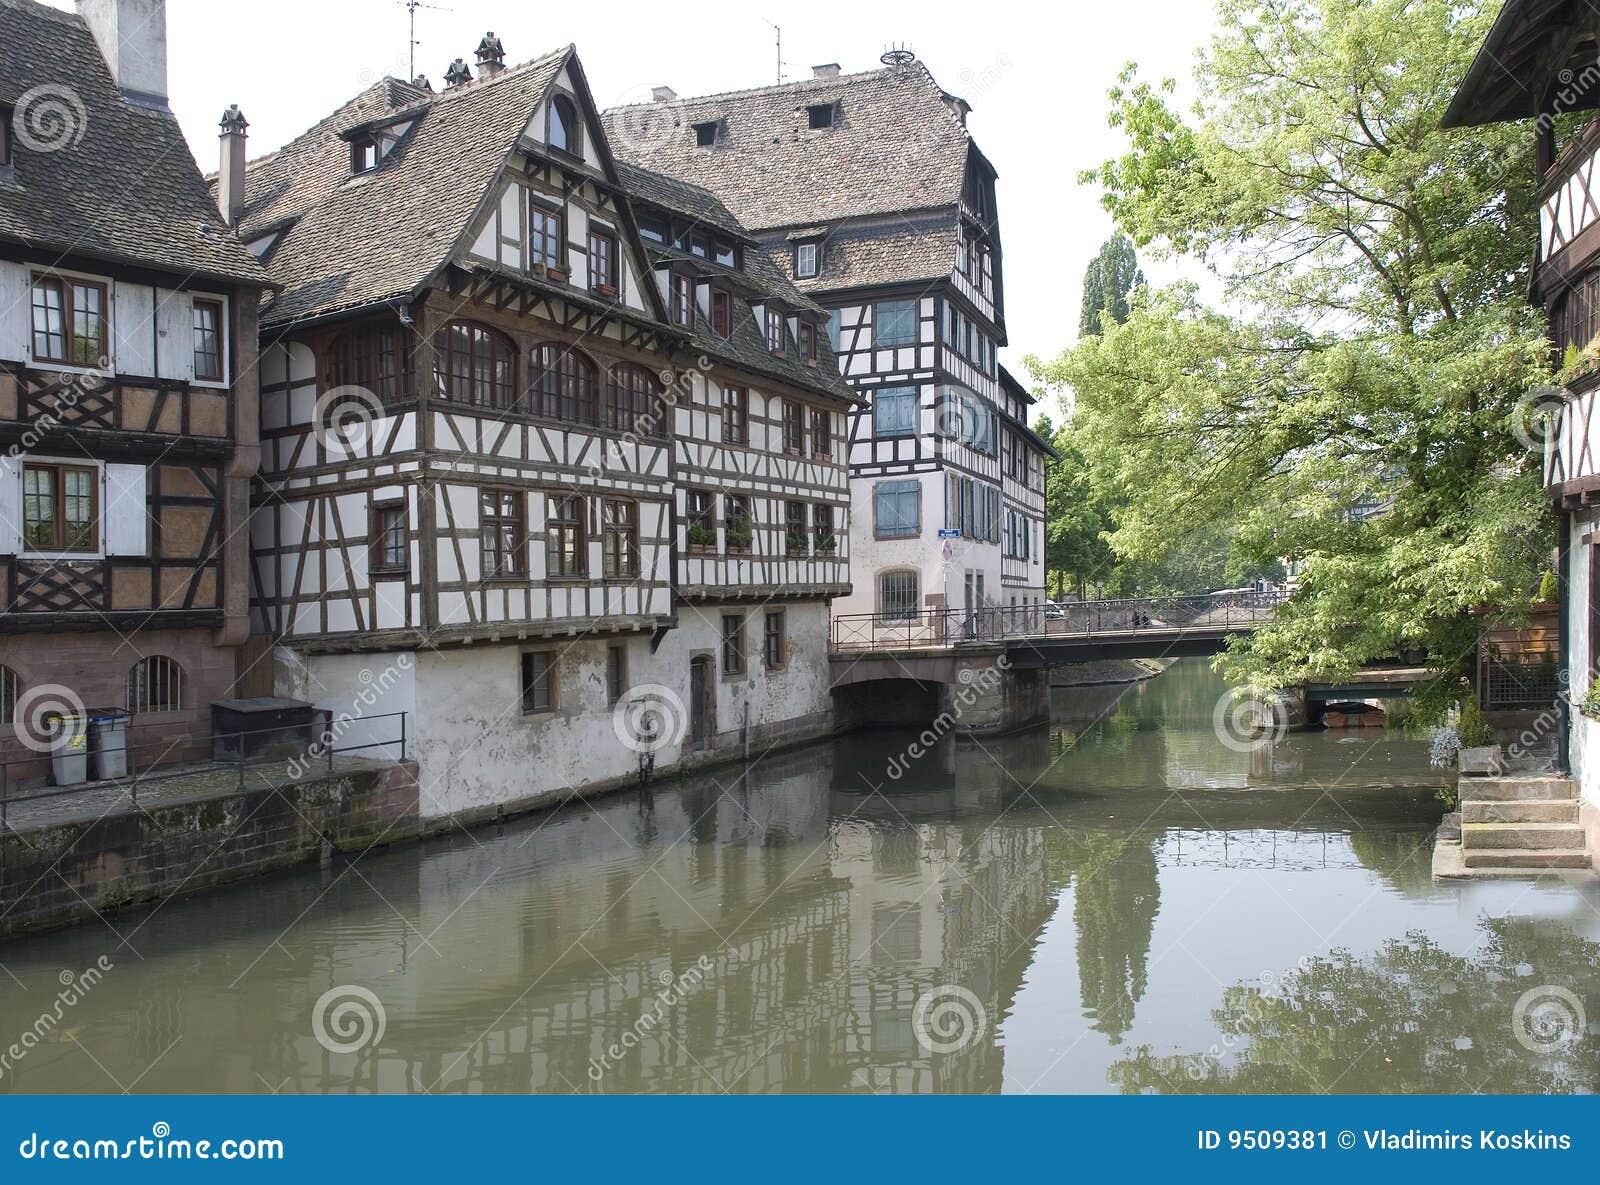 La francia strasburgo case antiche immagine stock for Foto case antiche